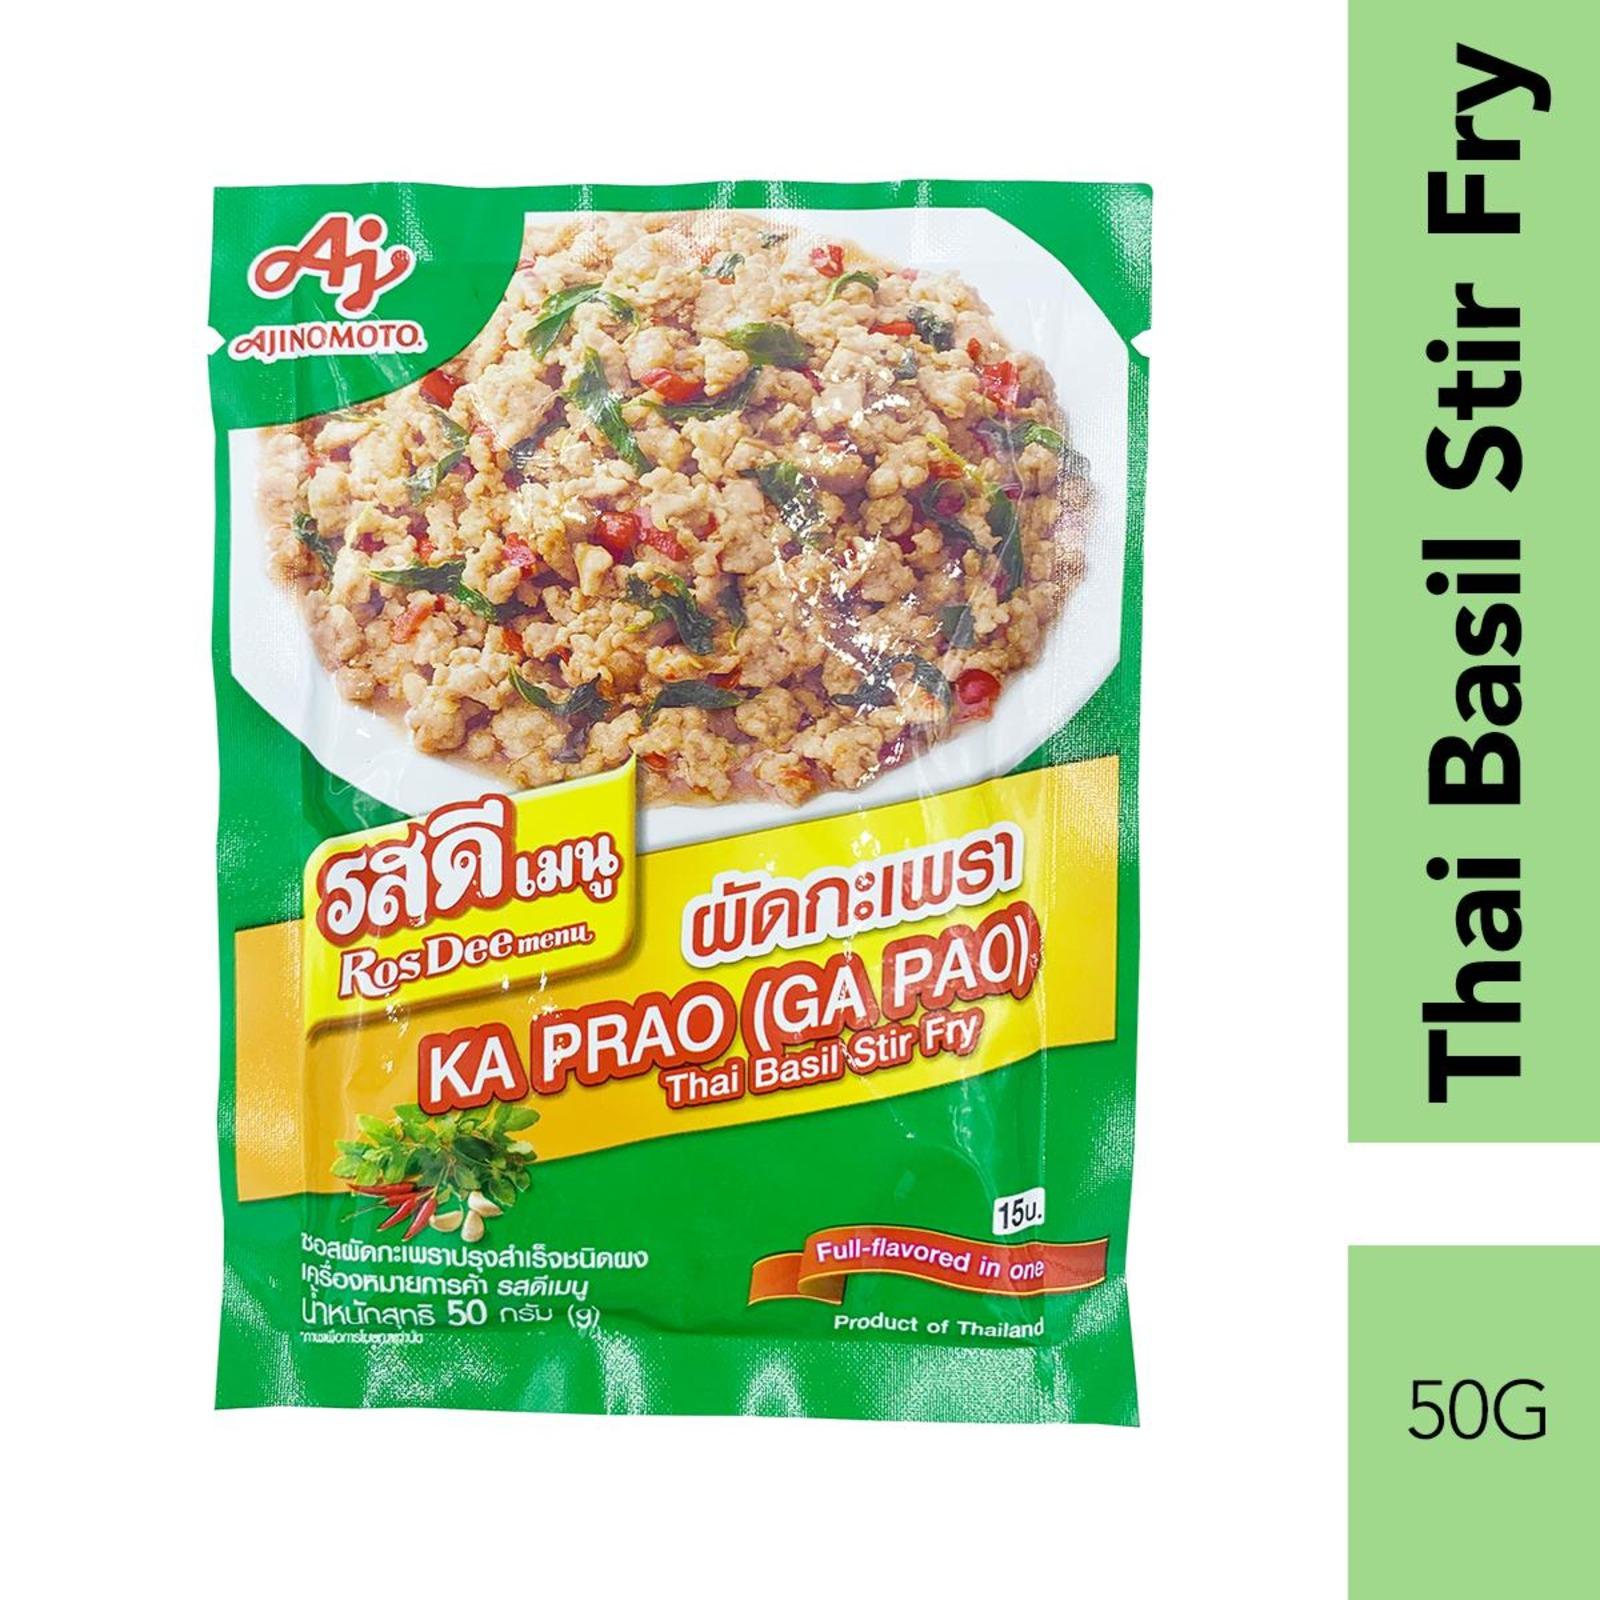 RosDee Menu KAPRAO Thai Basil Stir Fry